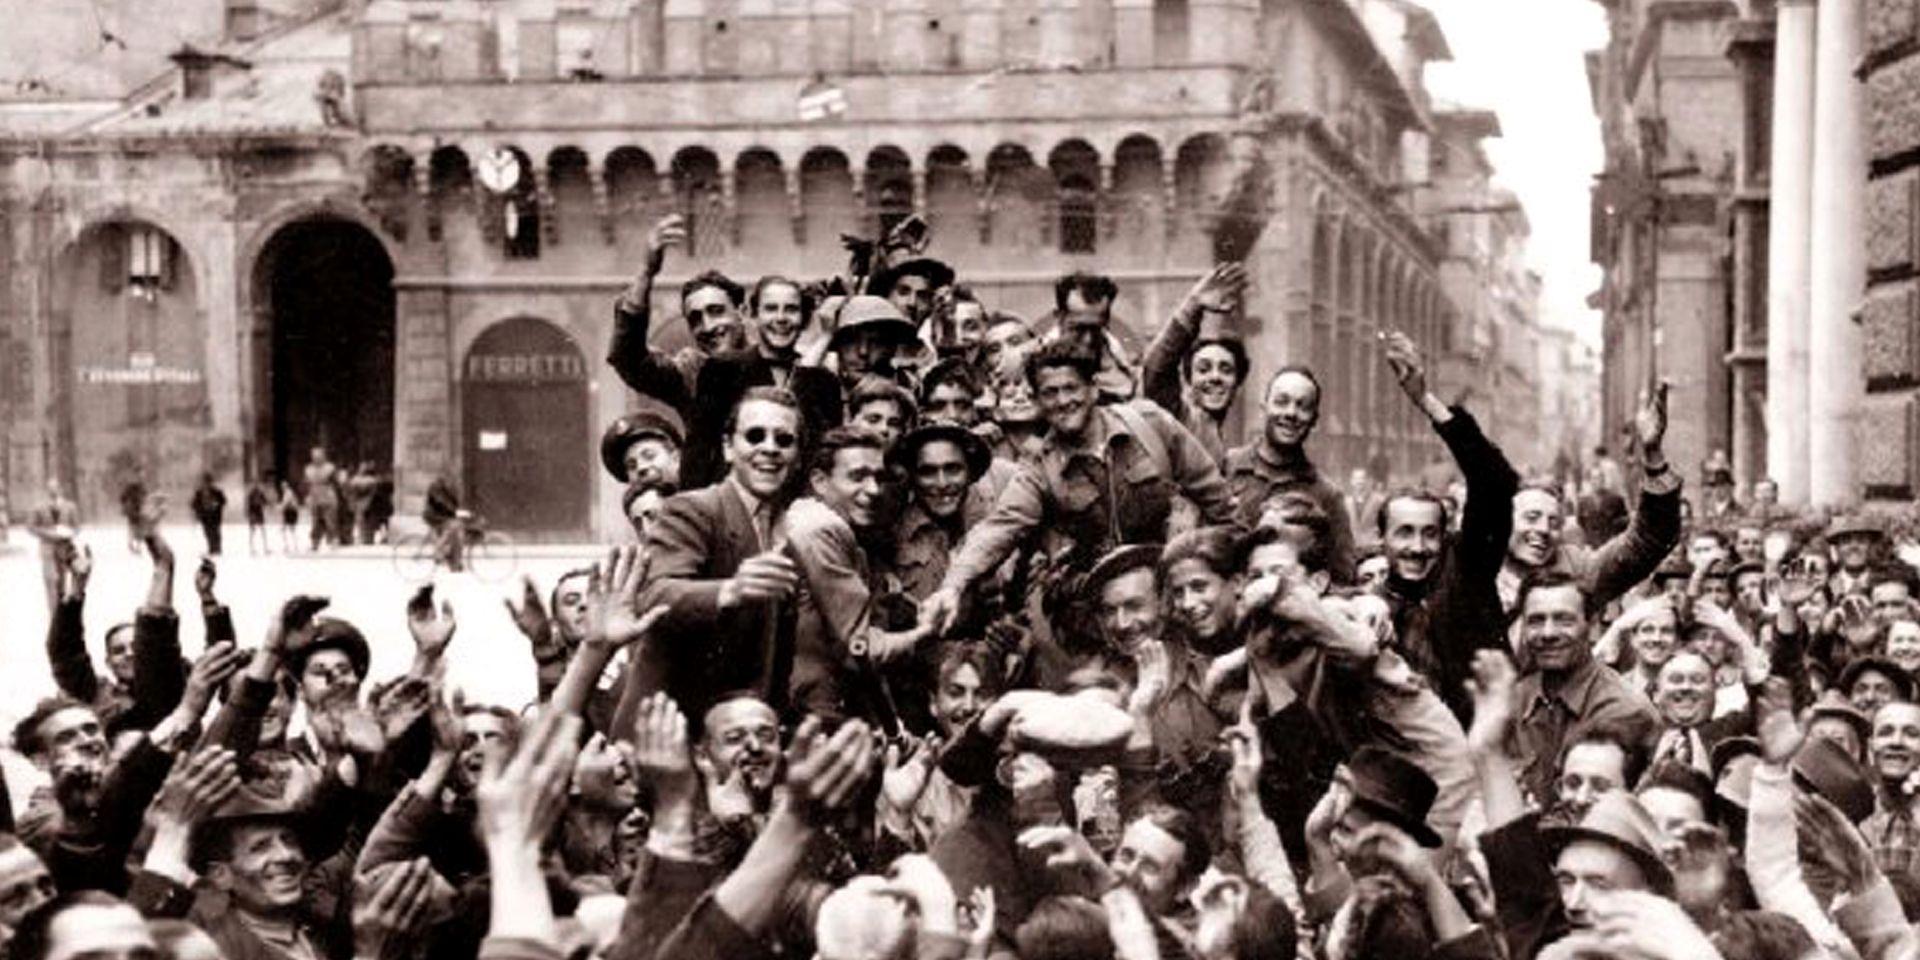 Liberazione di Bologna, 21 aprile 1945